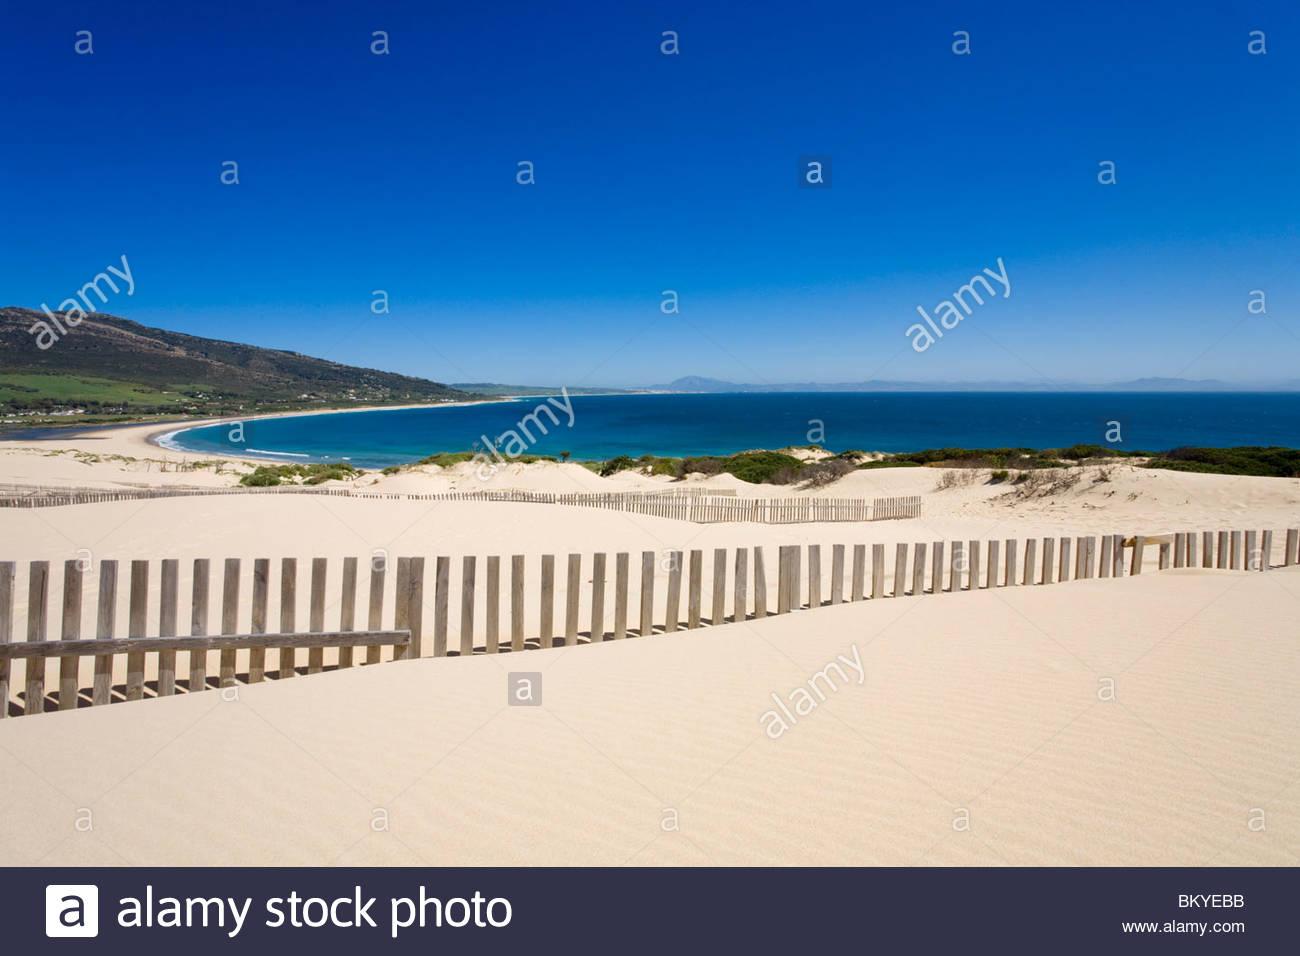 Die großen Dünen in der Nähe von Tarifa, Afrika am Horizont, Andalusien, Provinz Cadiz, Spanien Stockbild